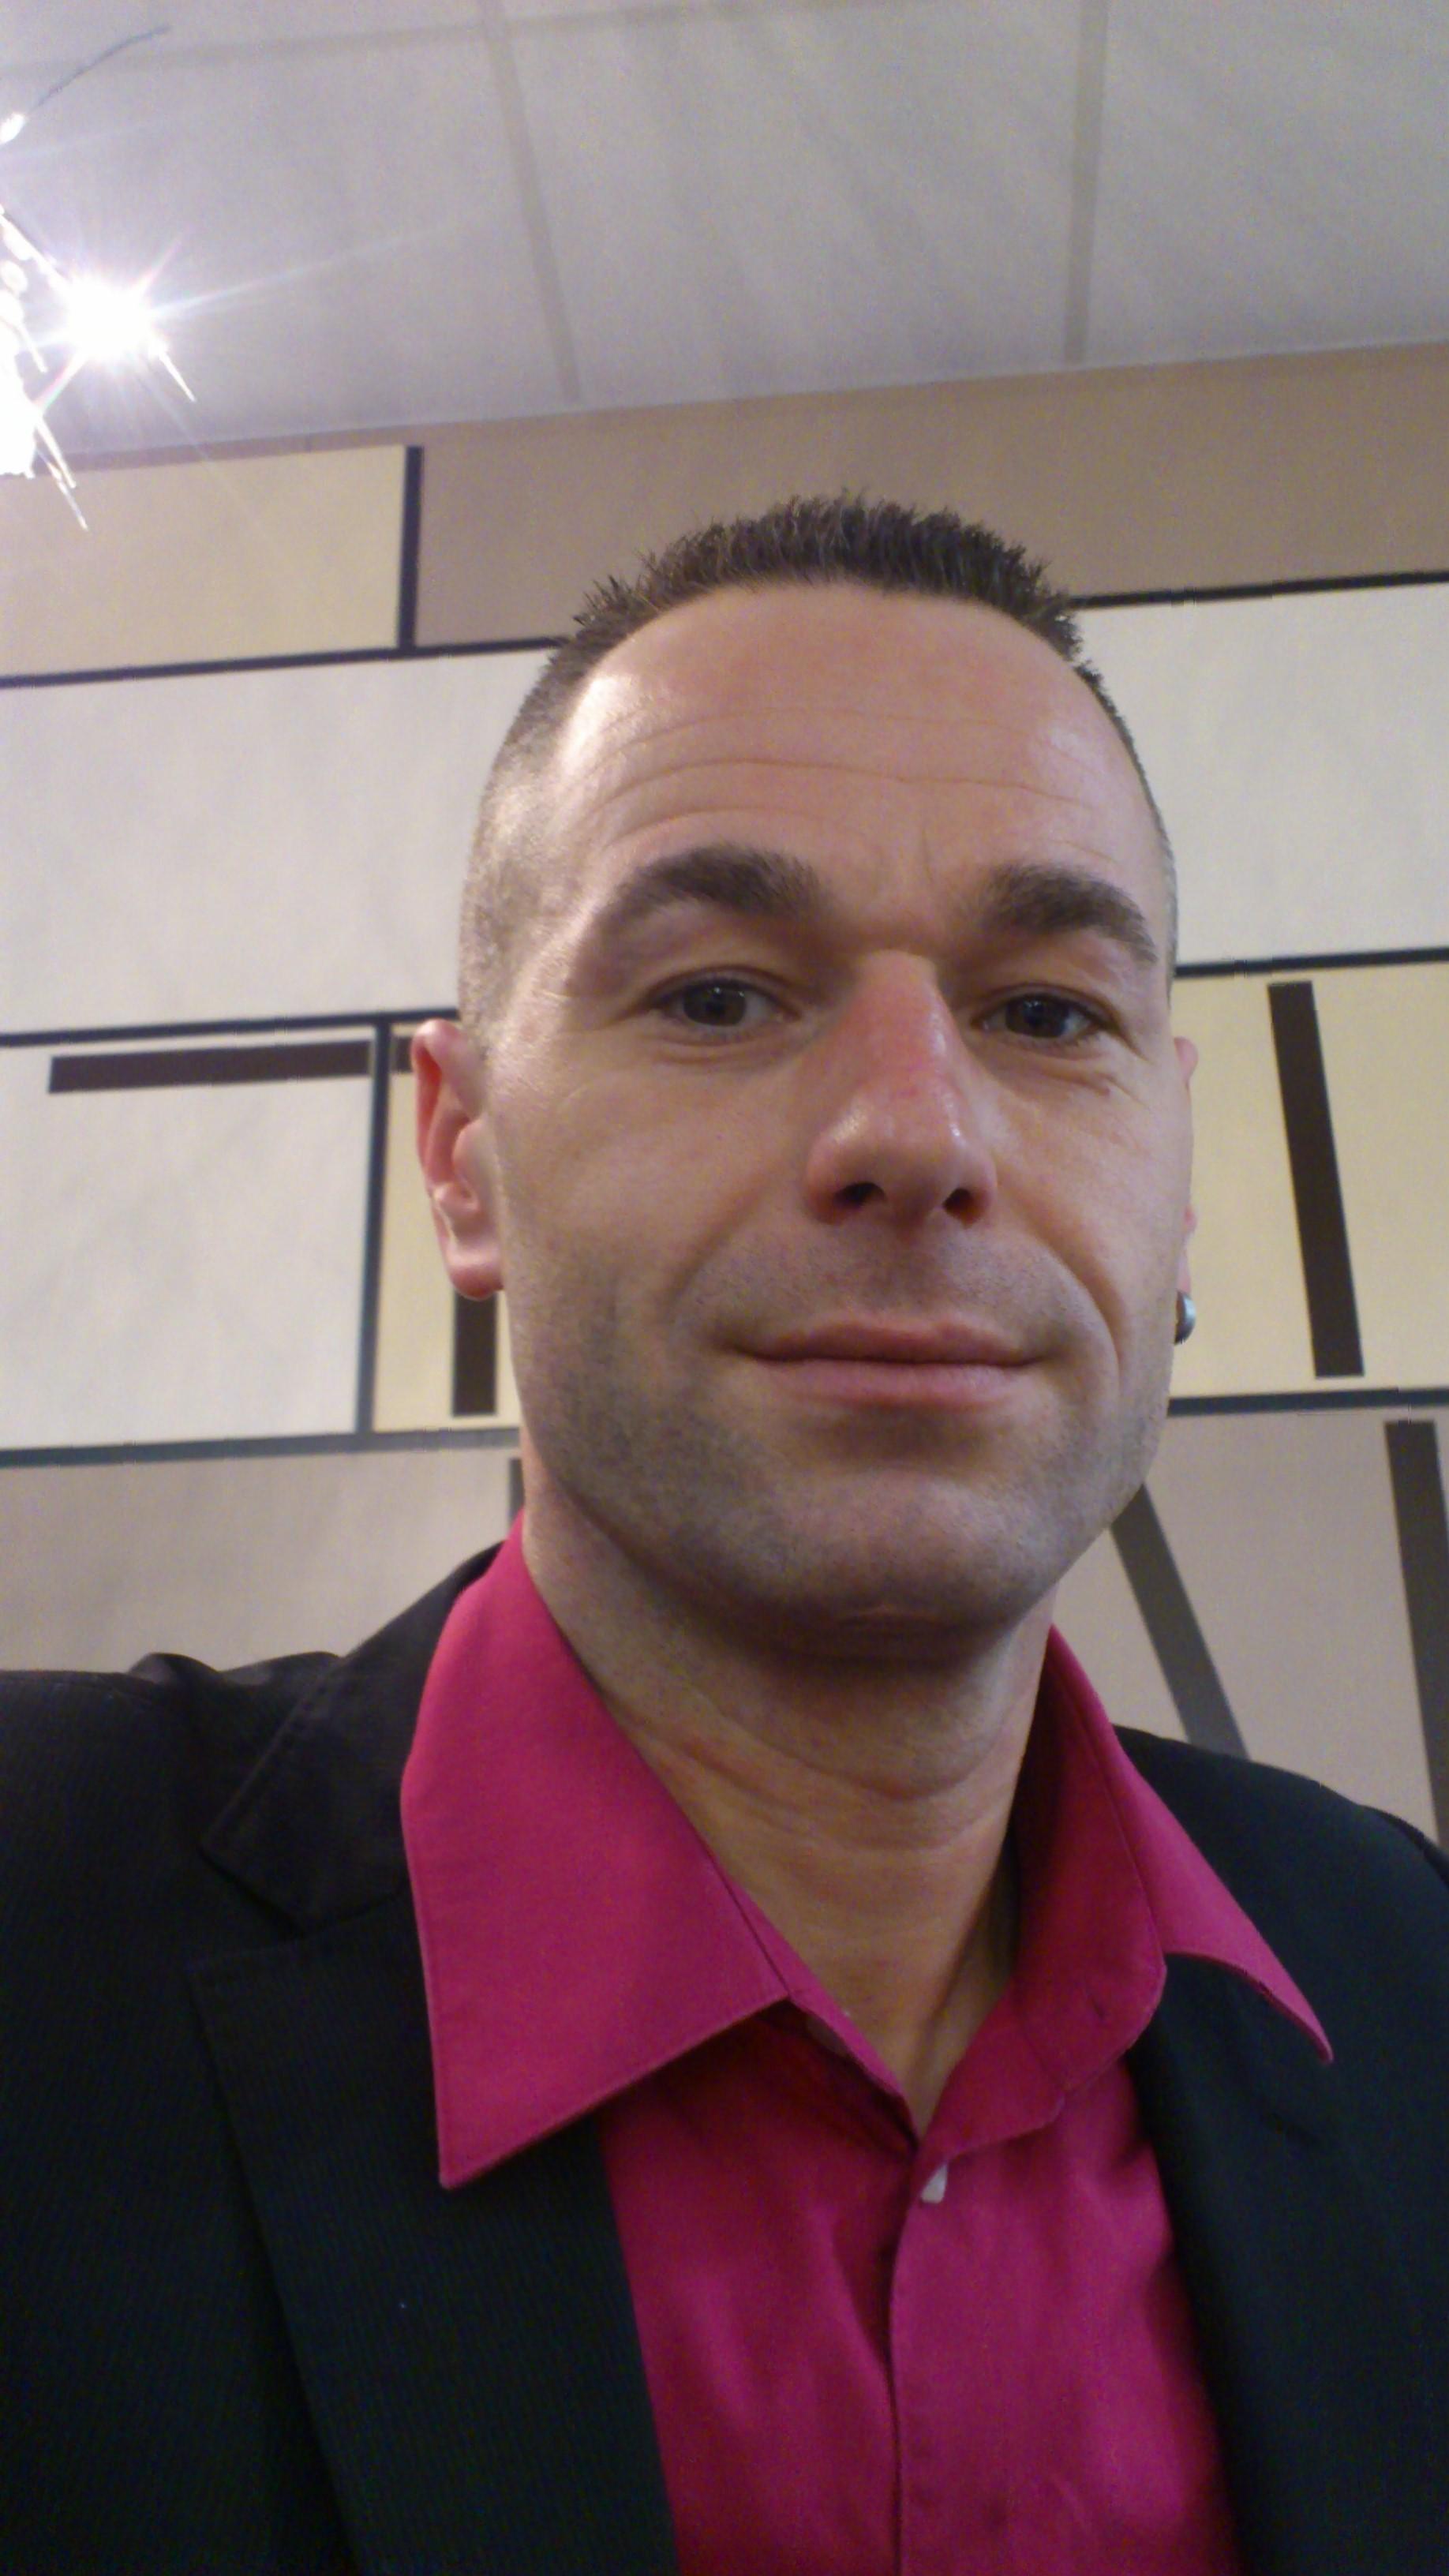 Foto / Portrait Spieler Michael Kösterke